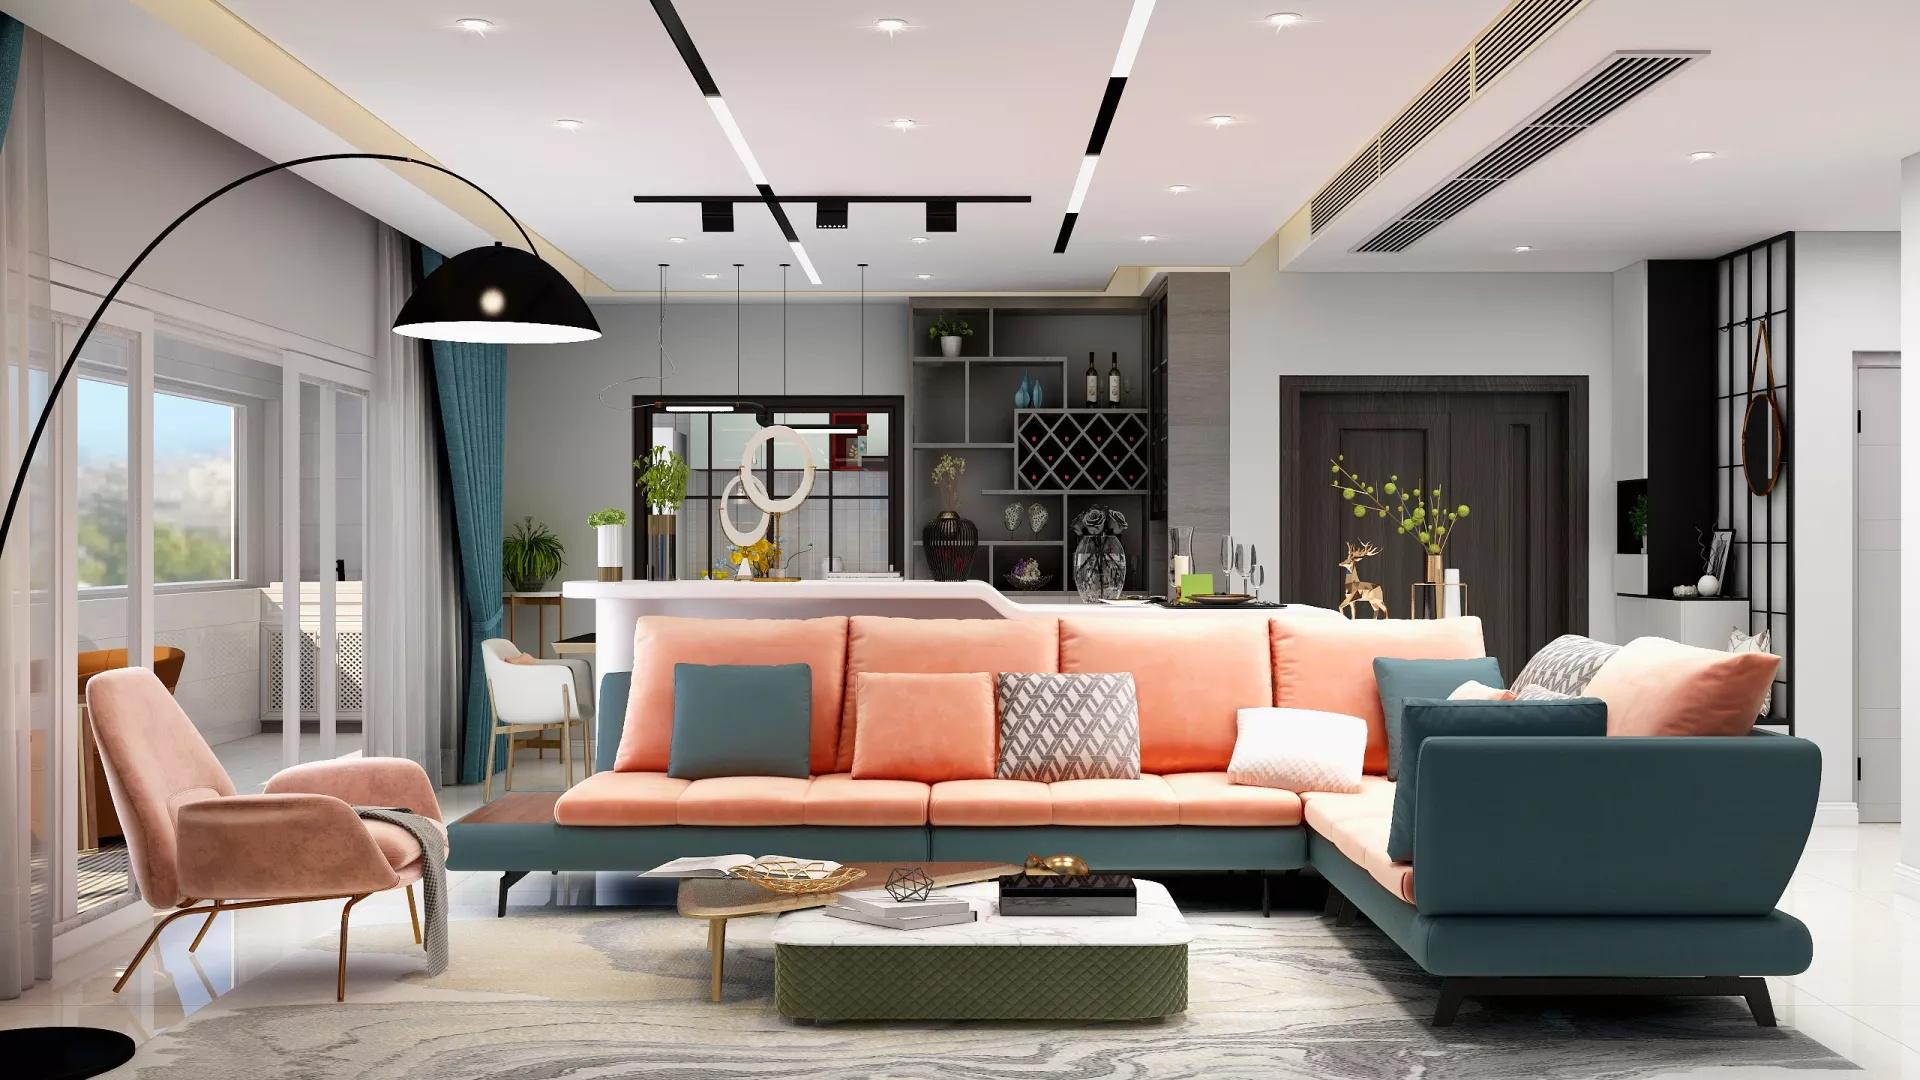 新房搬迁程序是什么 新房搬迁仪式有哪些